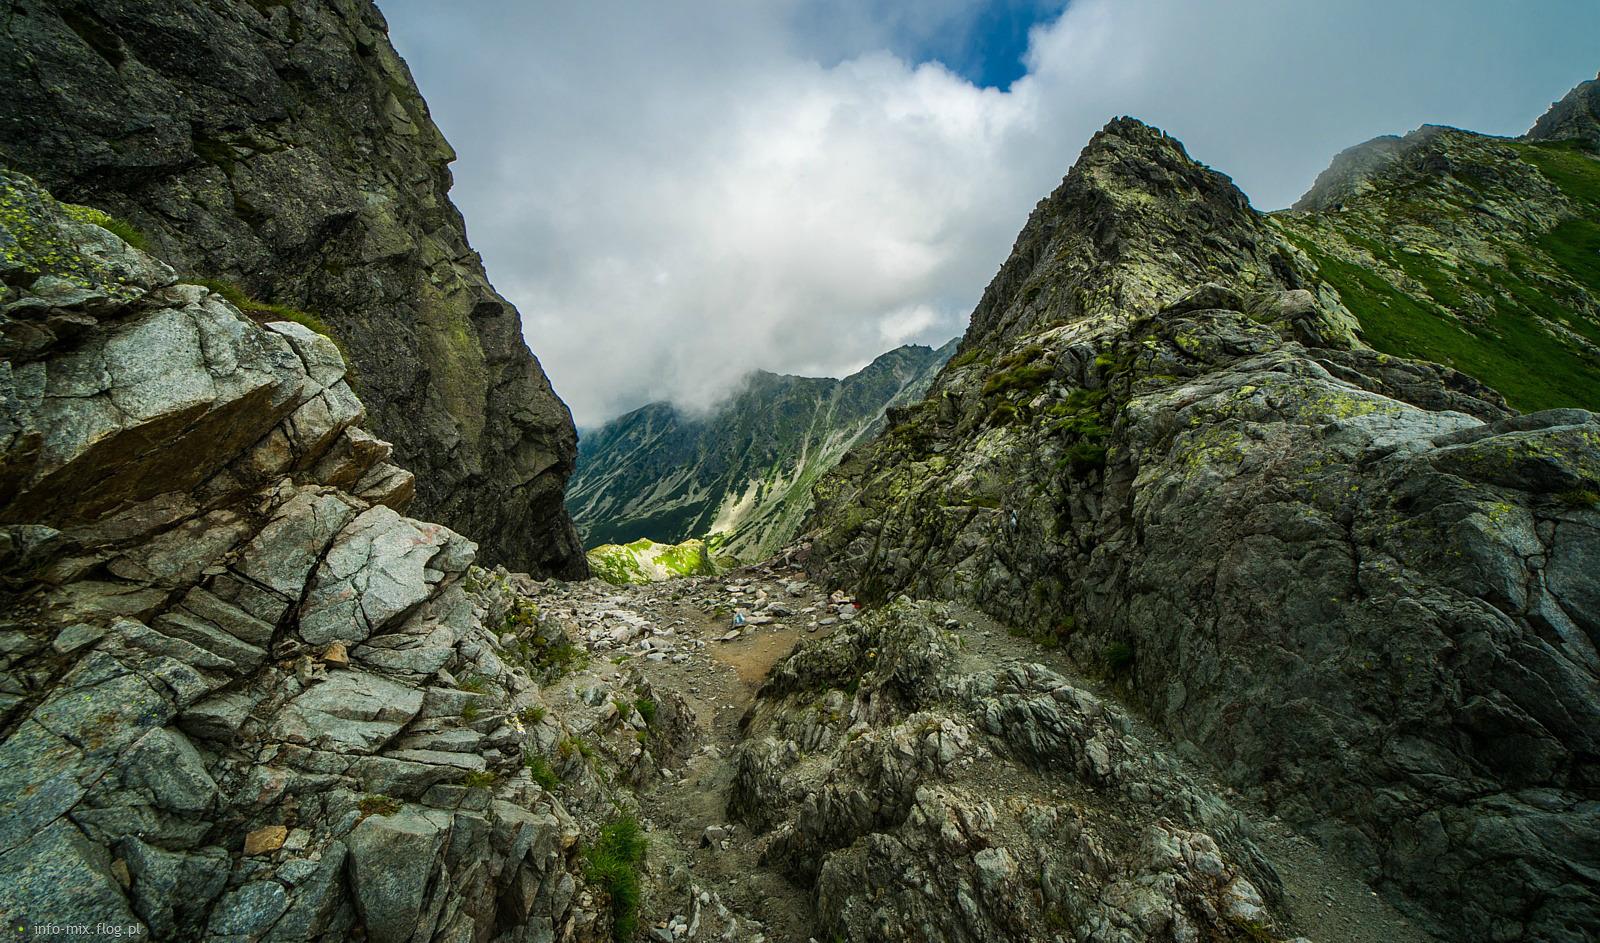 Przełęcz Zawrat - widok na stronę Czarnego Stawu Gąsienicowego